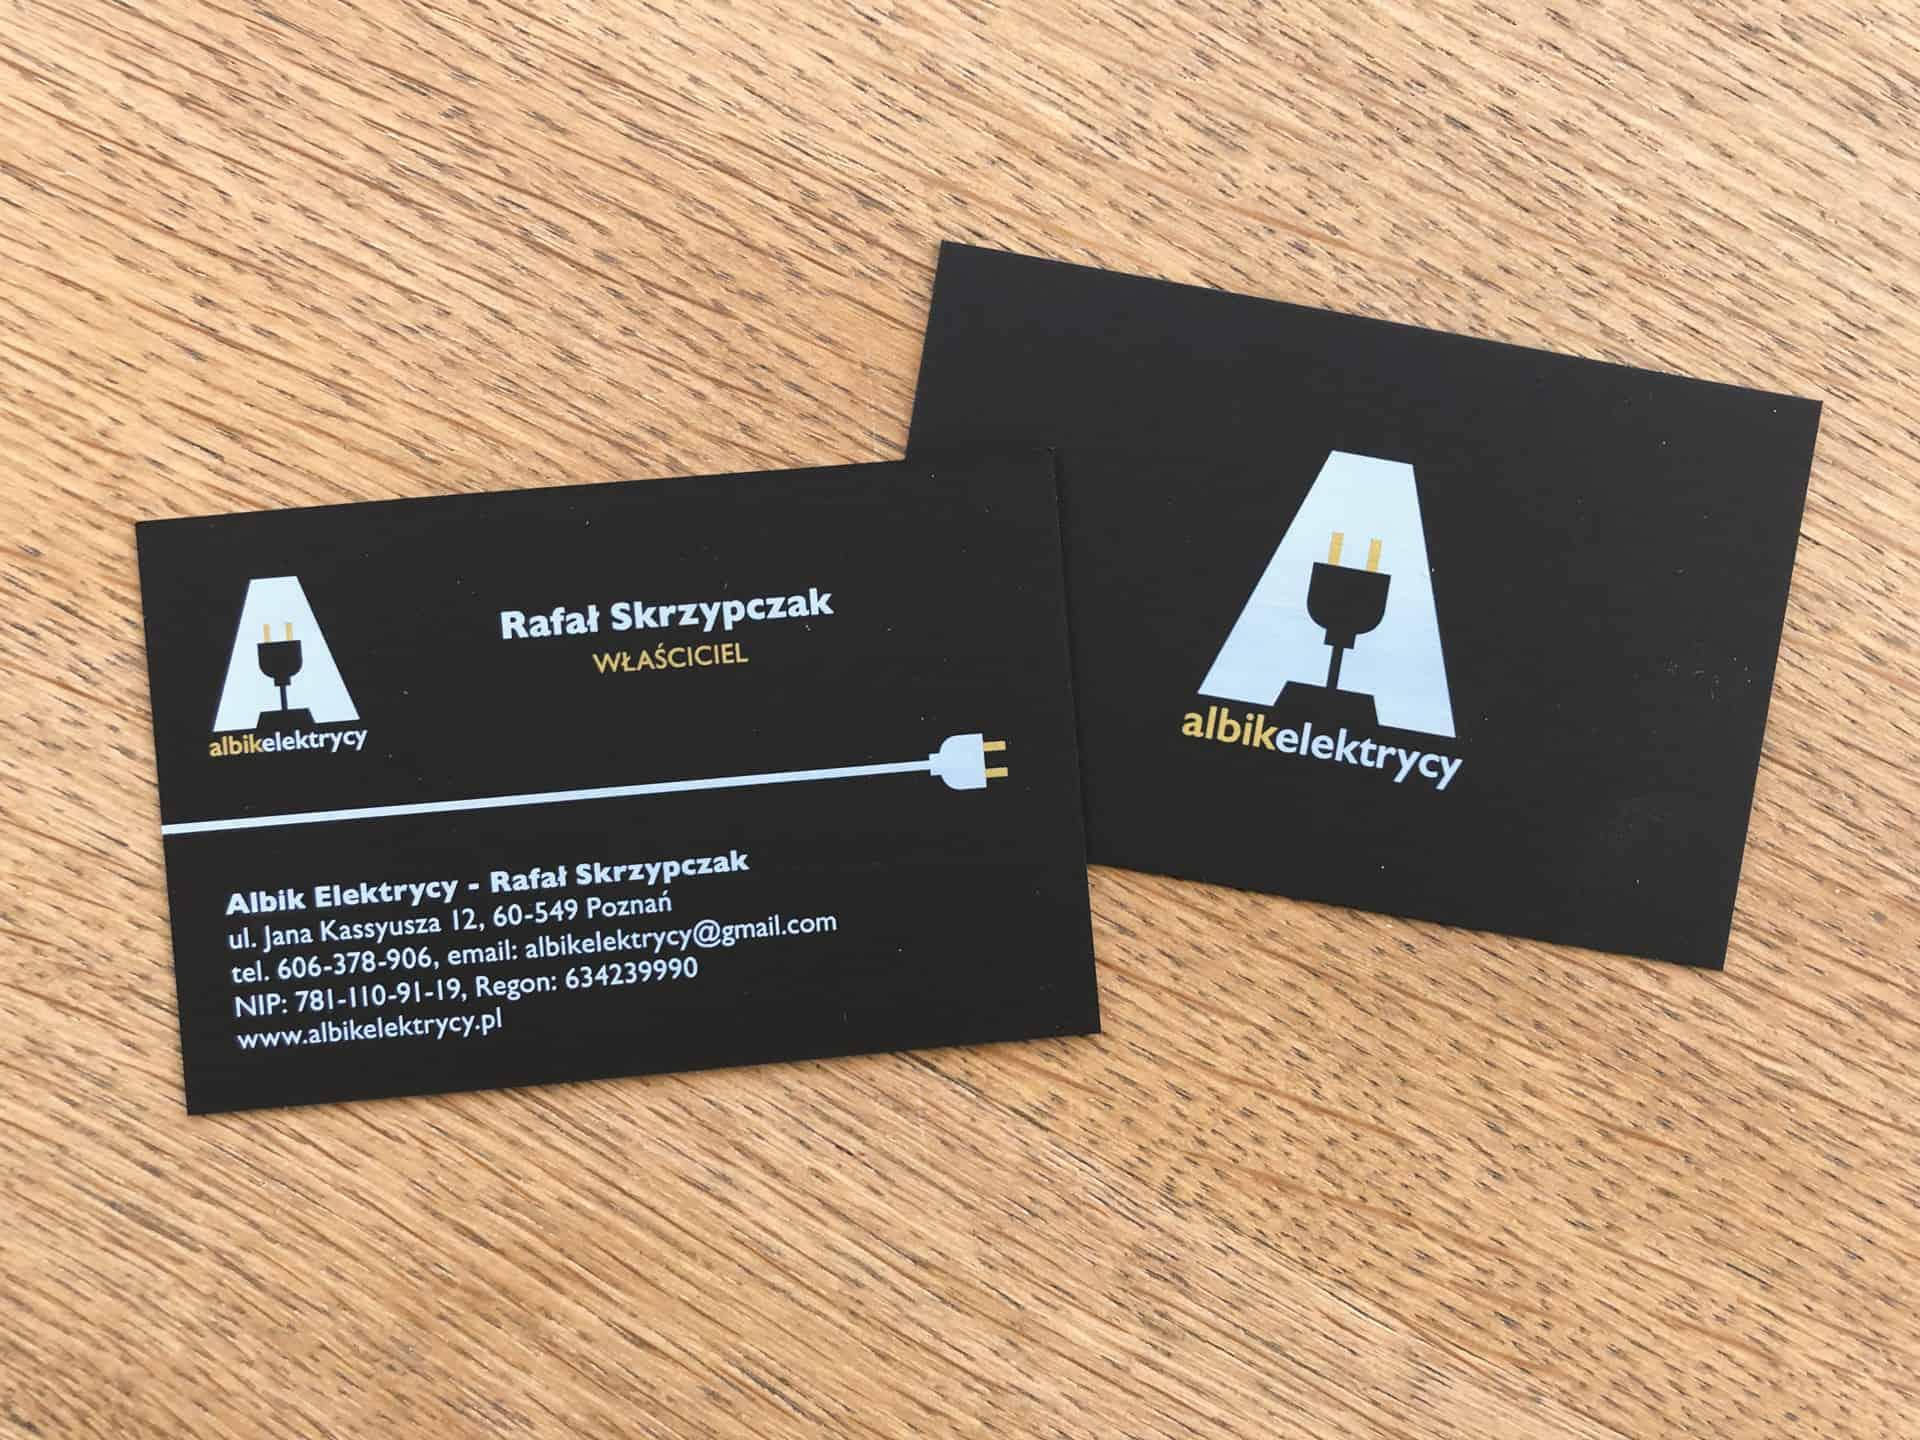 wizytówki na czarnym papierze dla albikelektrycy